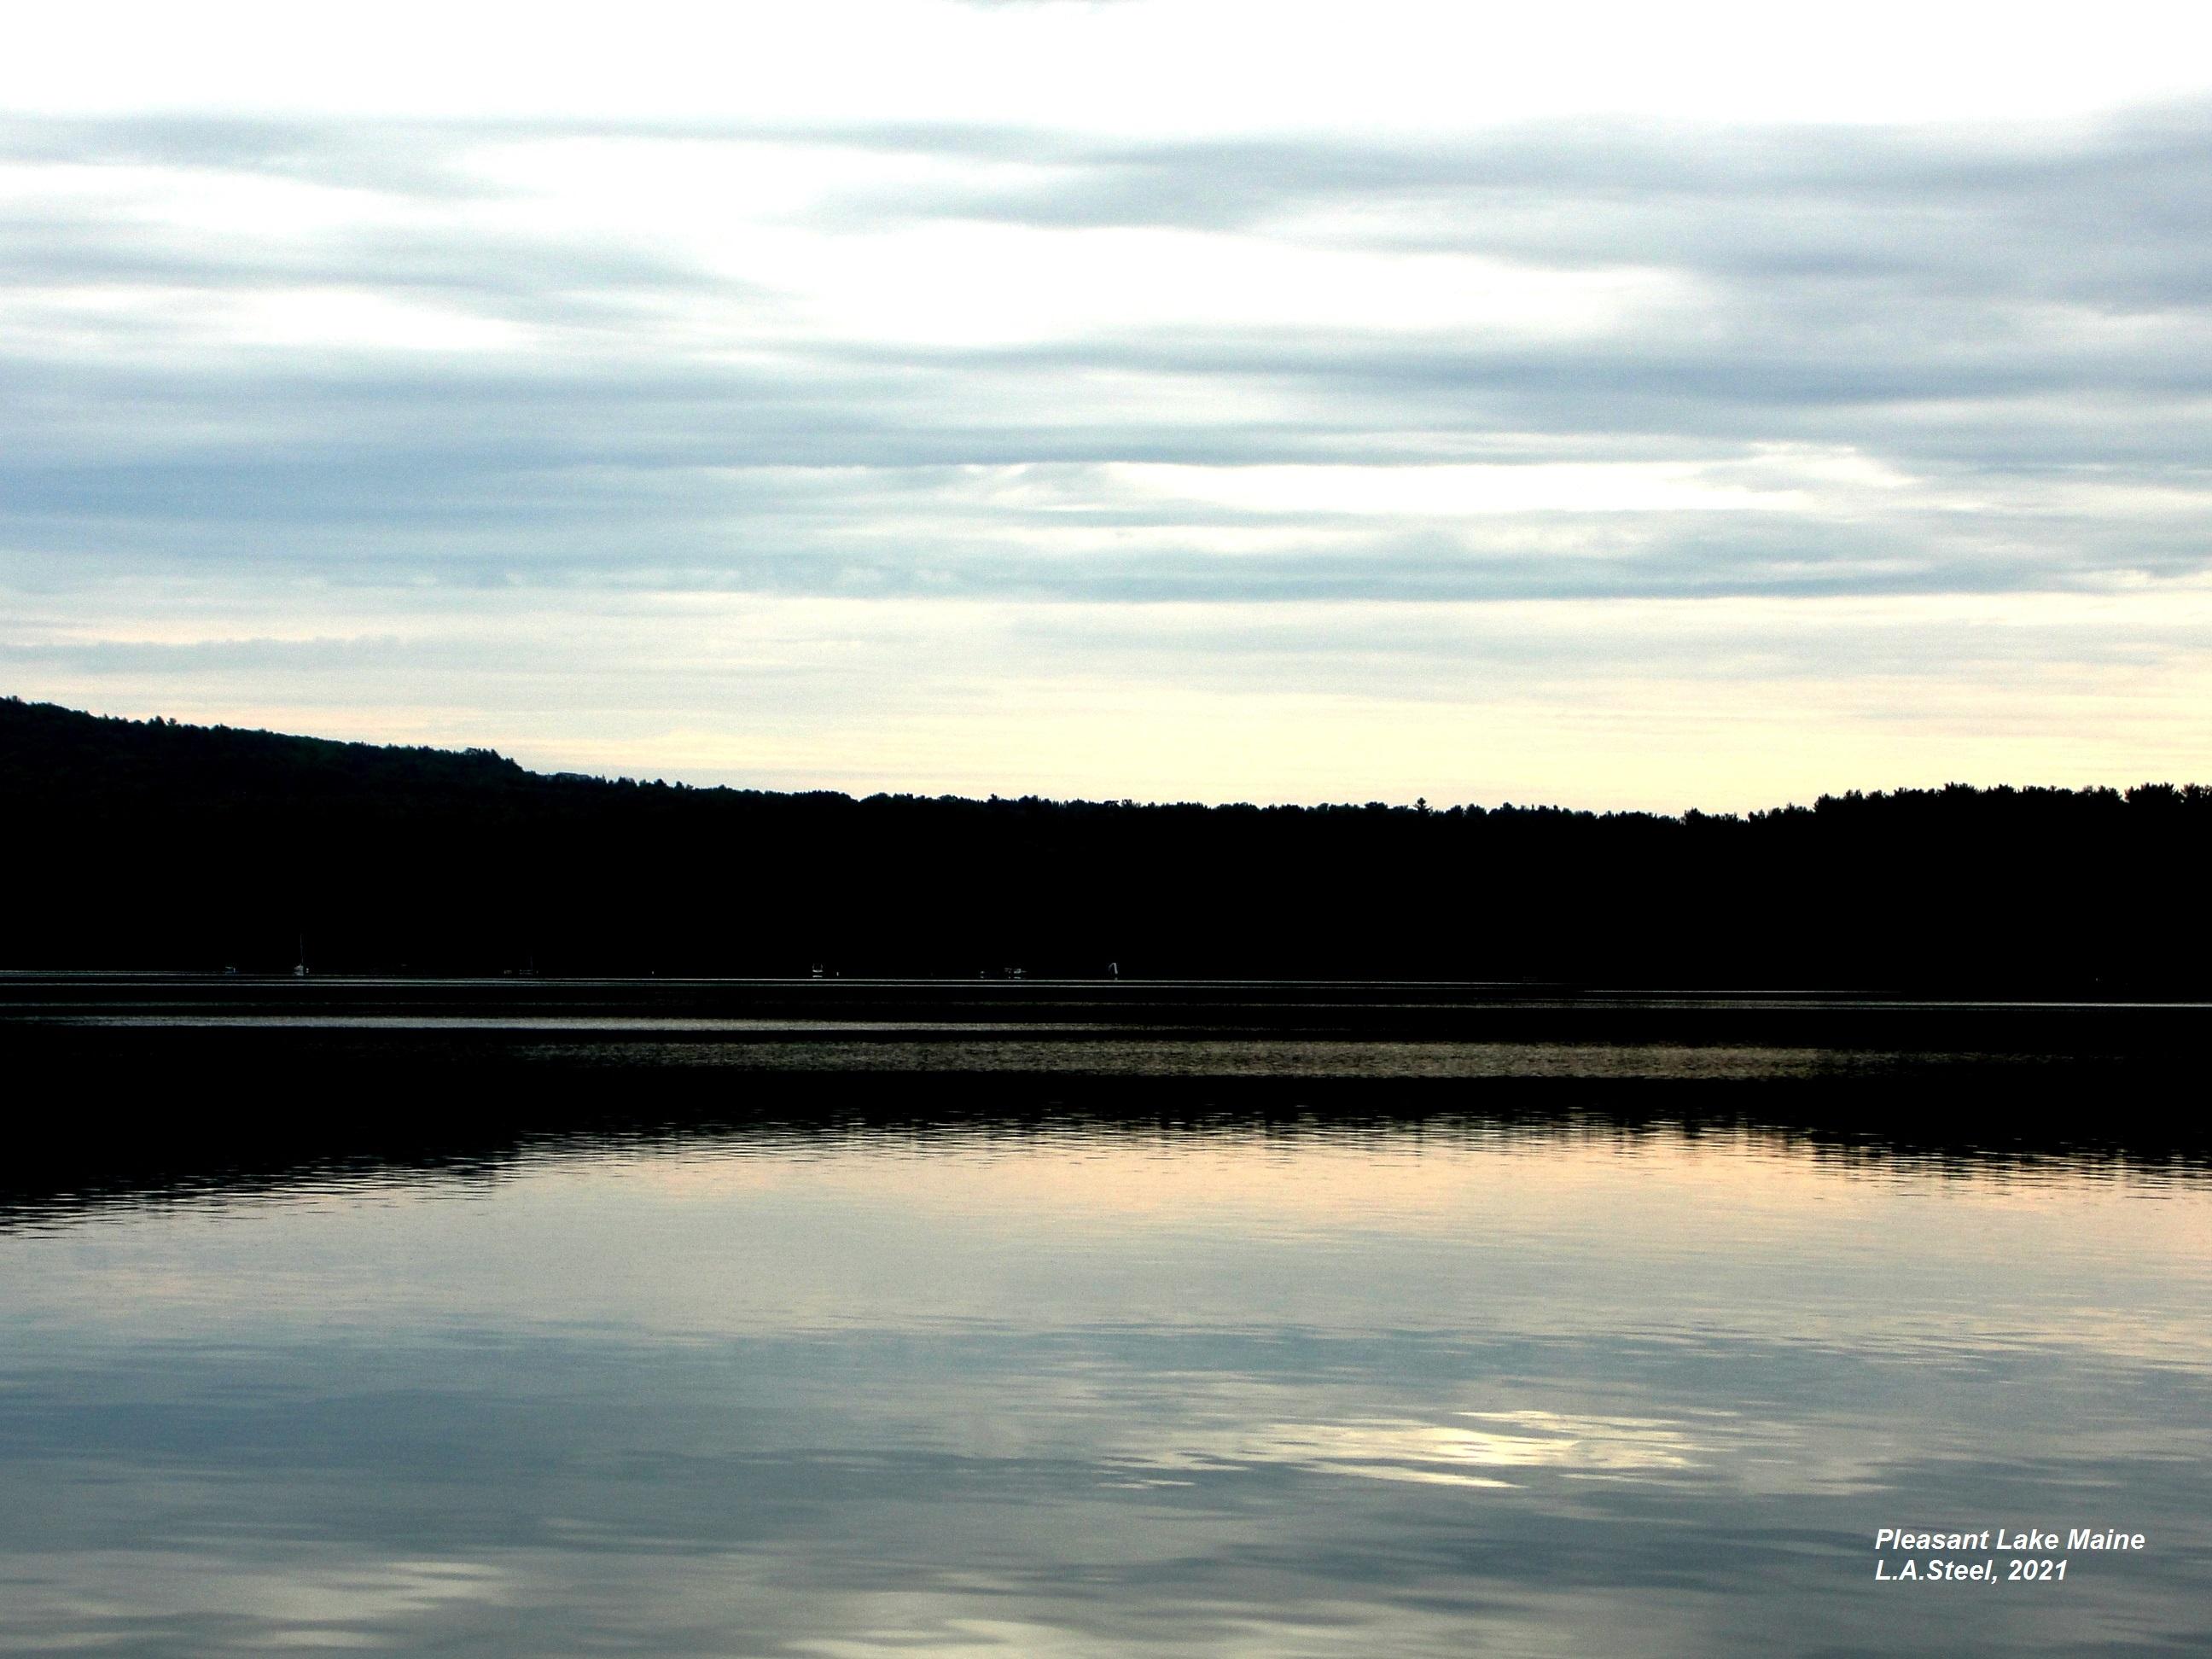 pleasant lake maine 2021.jpg 2